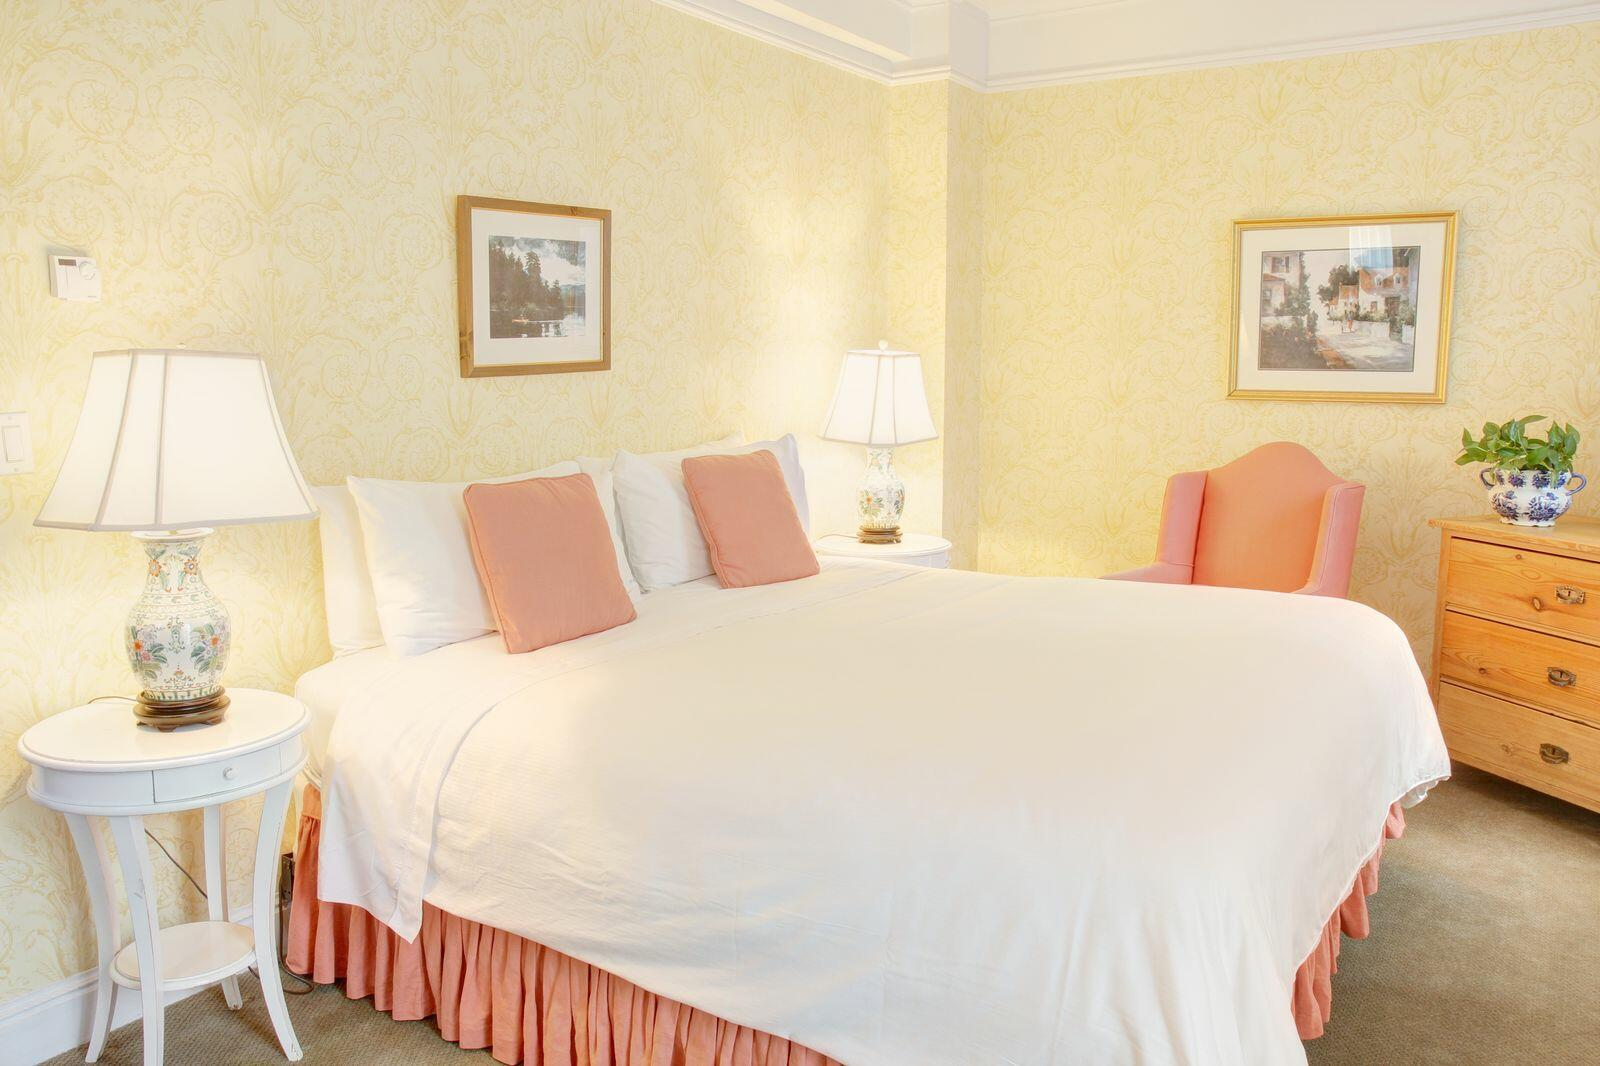 Premium Suite bed